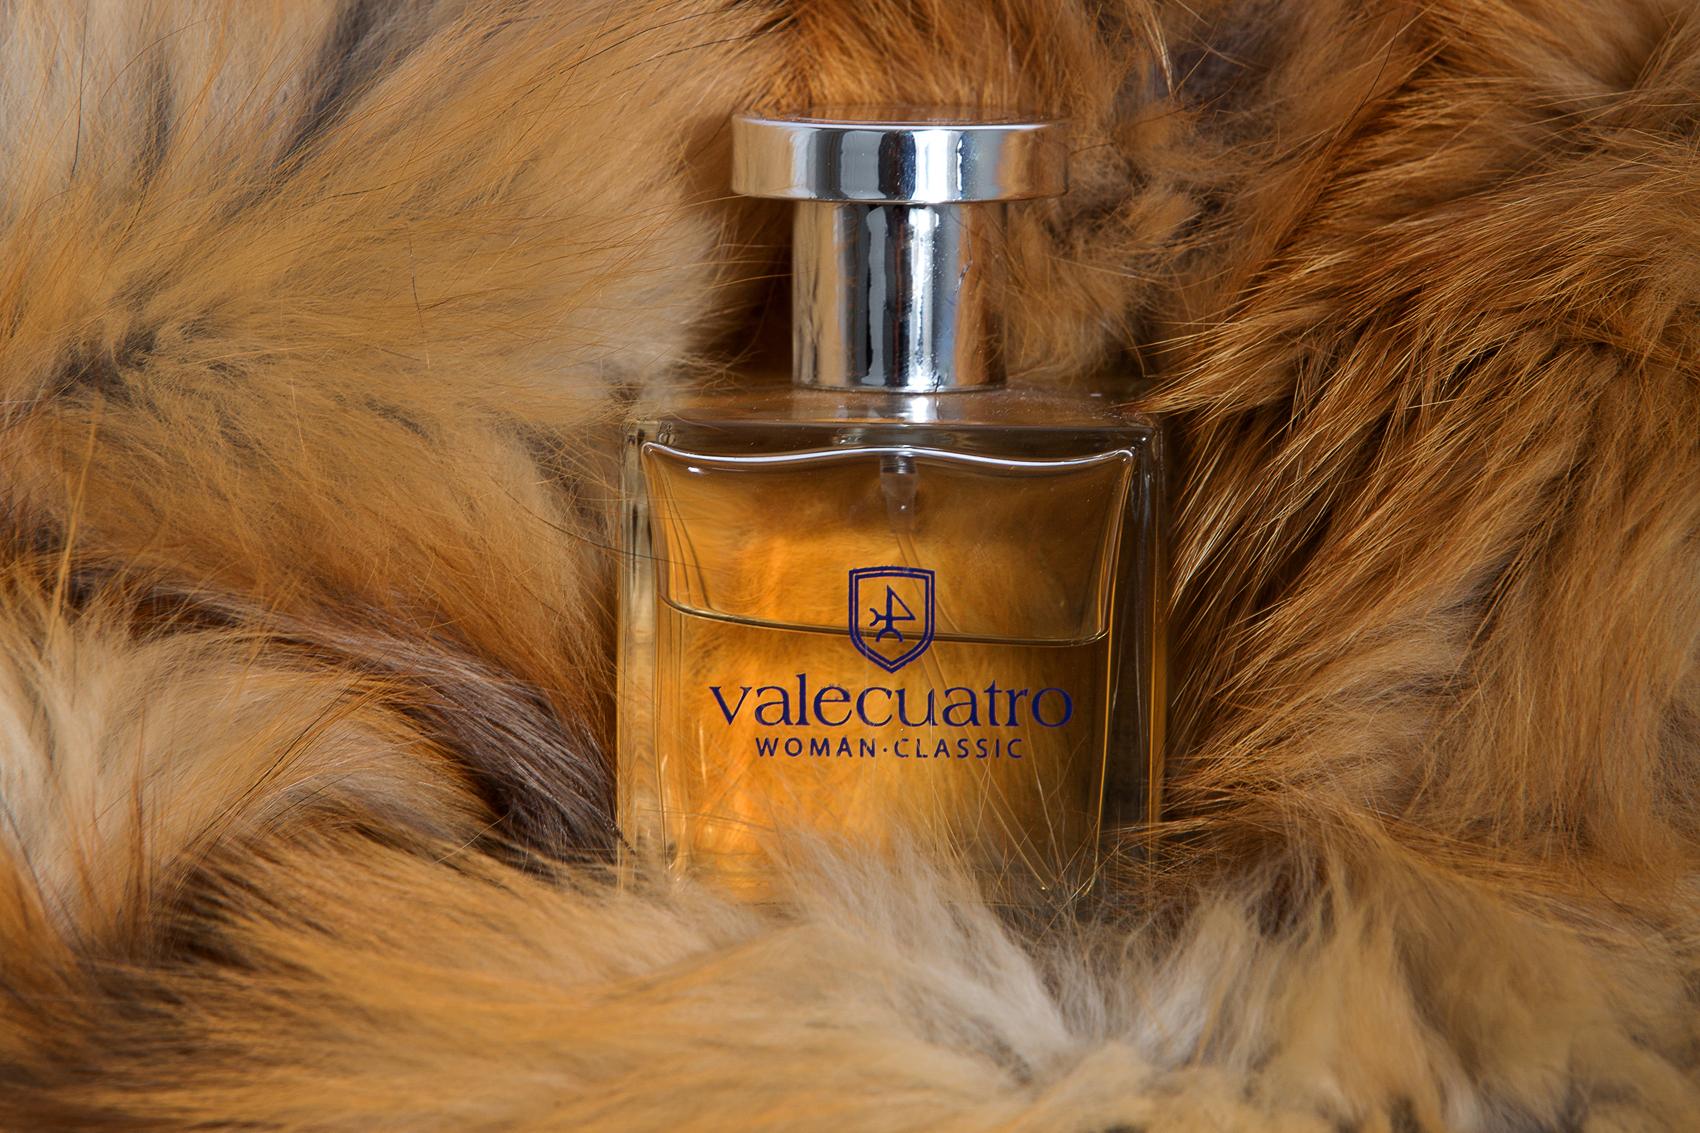 Fotografía de perfumes